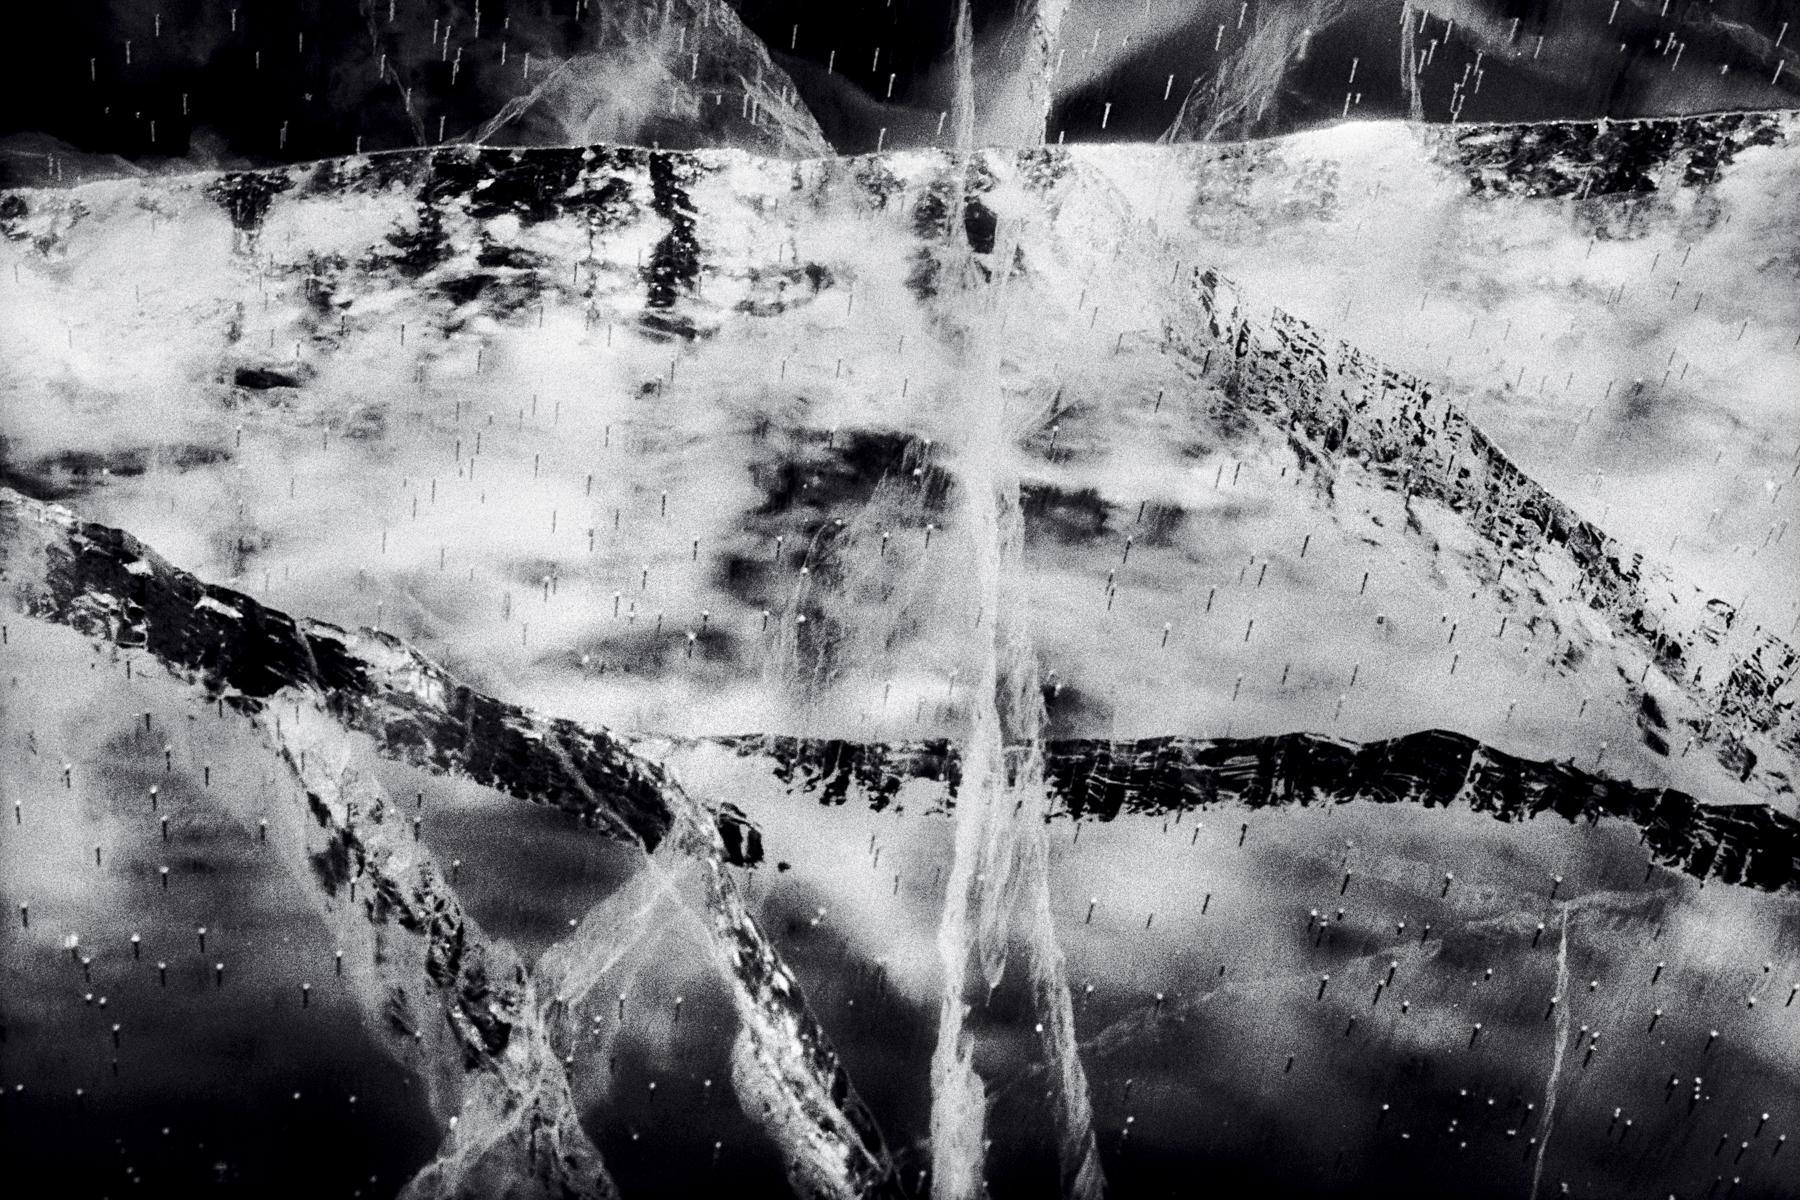 Cosmic Surge, Lake Vanda